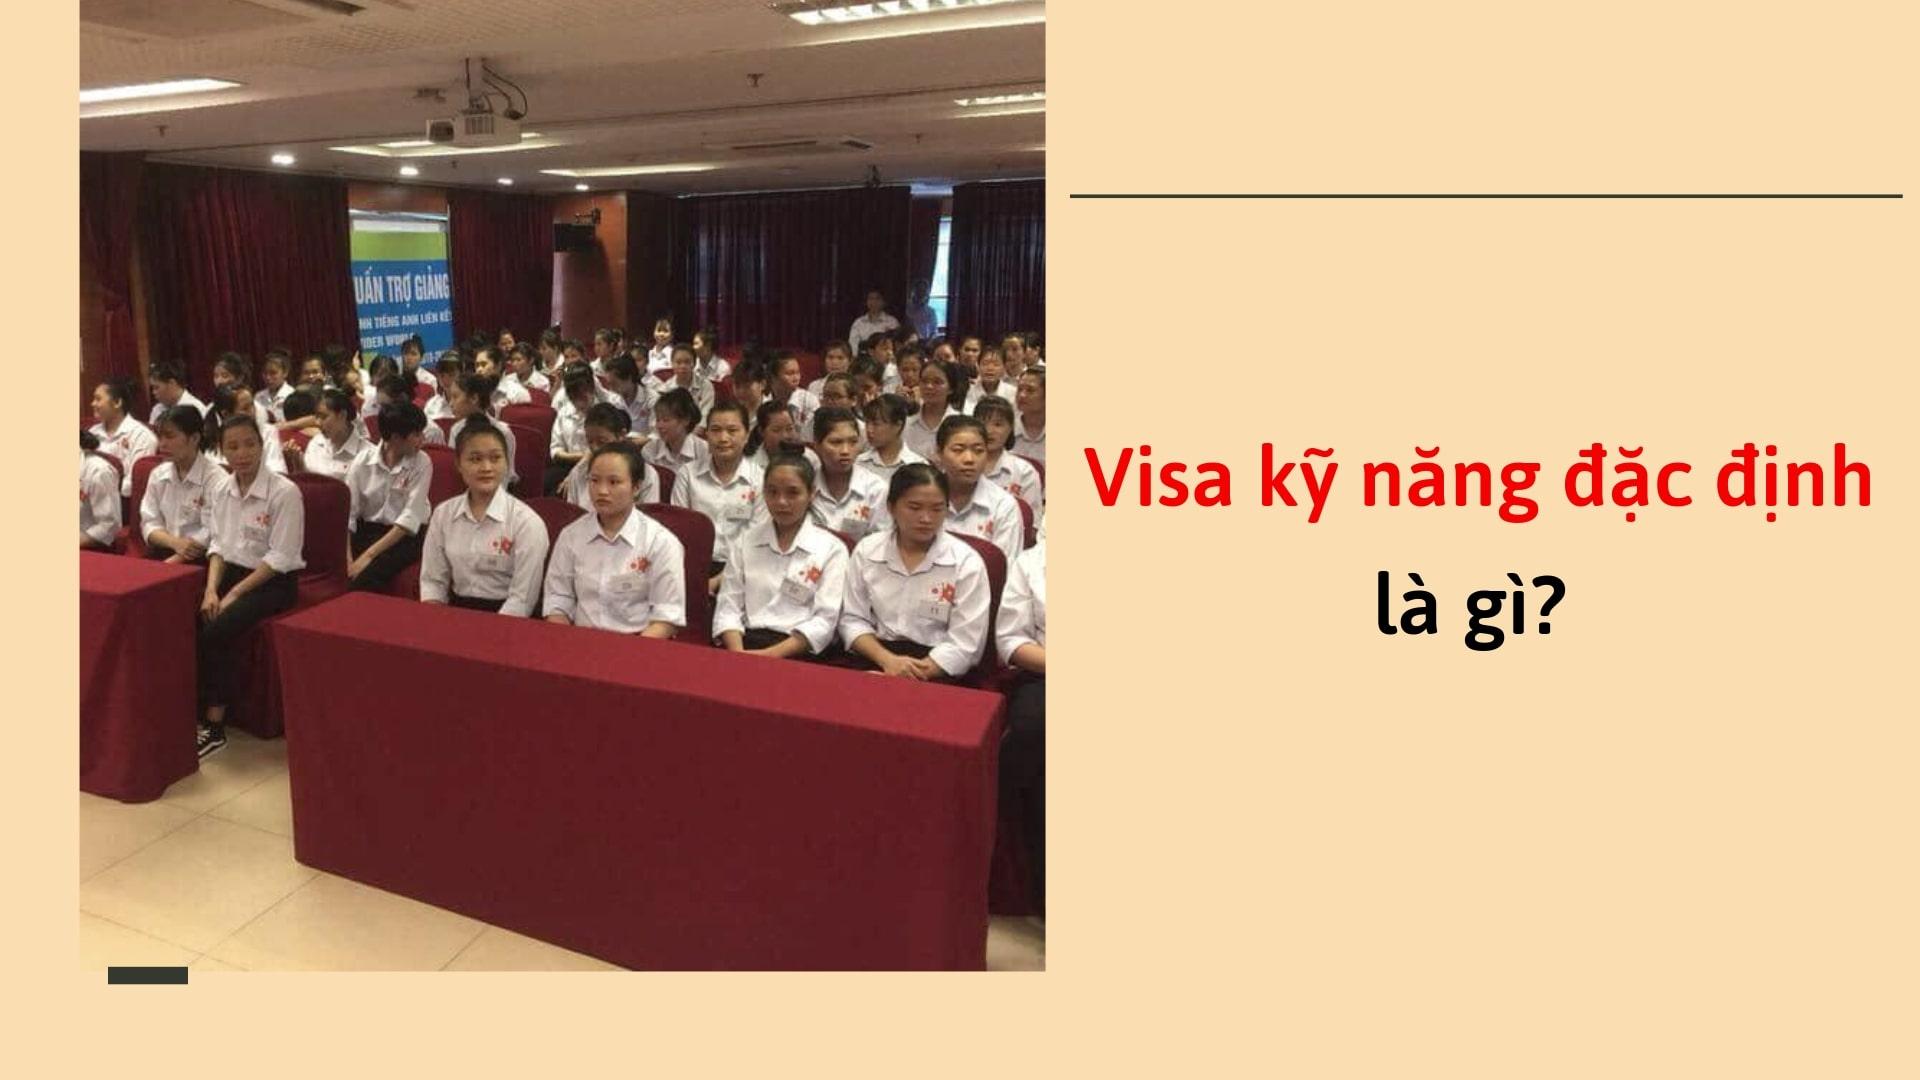 Đã từng BỎ TRỐN ở Nhật thì có thể xin visa kỹ năng đặc định không?